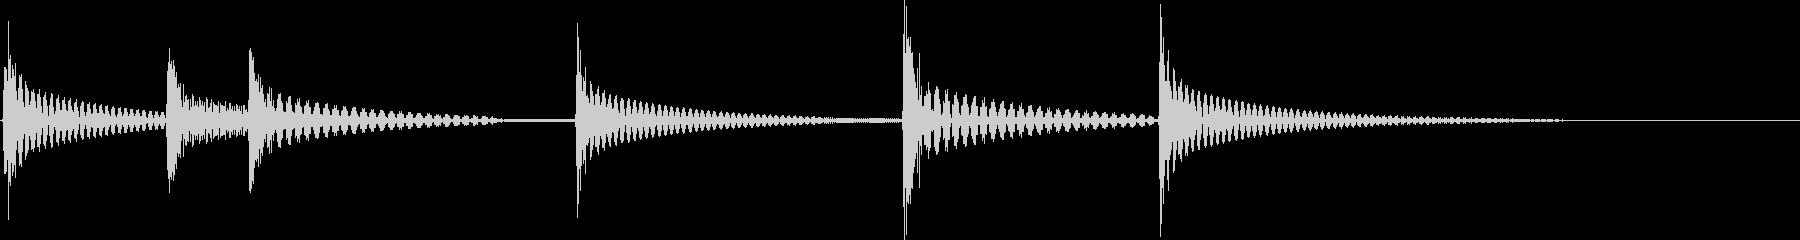 シンプルなSEの未再生の波形